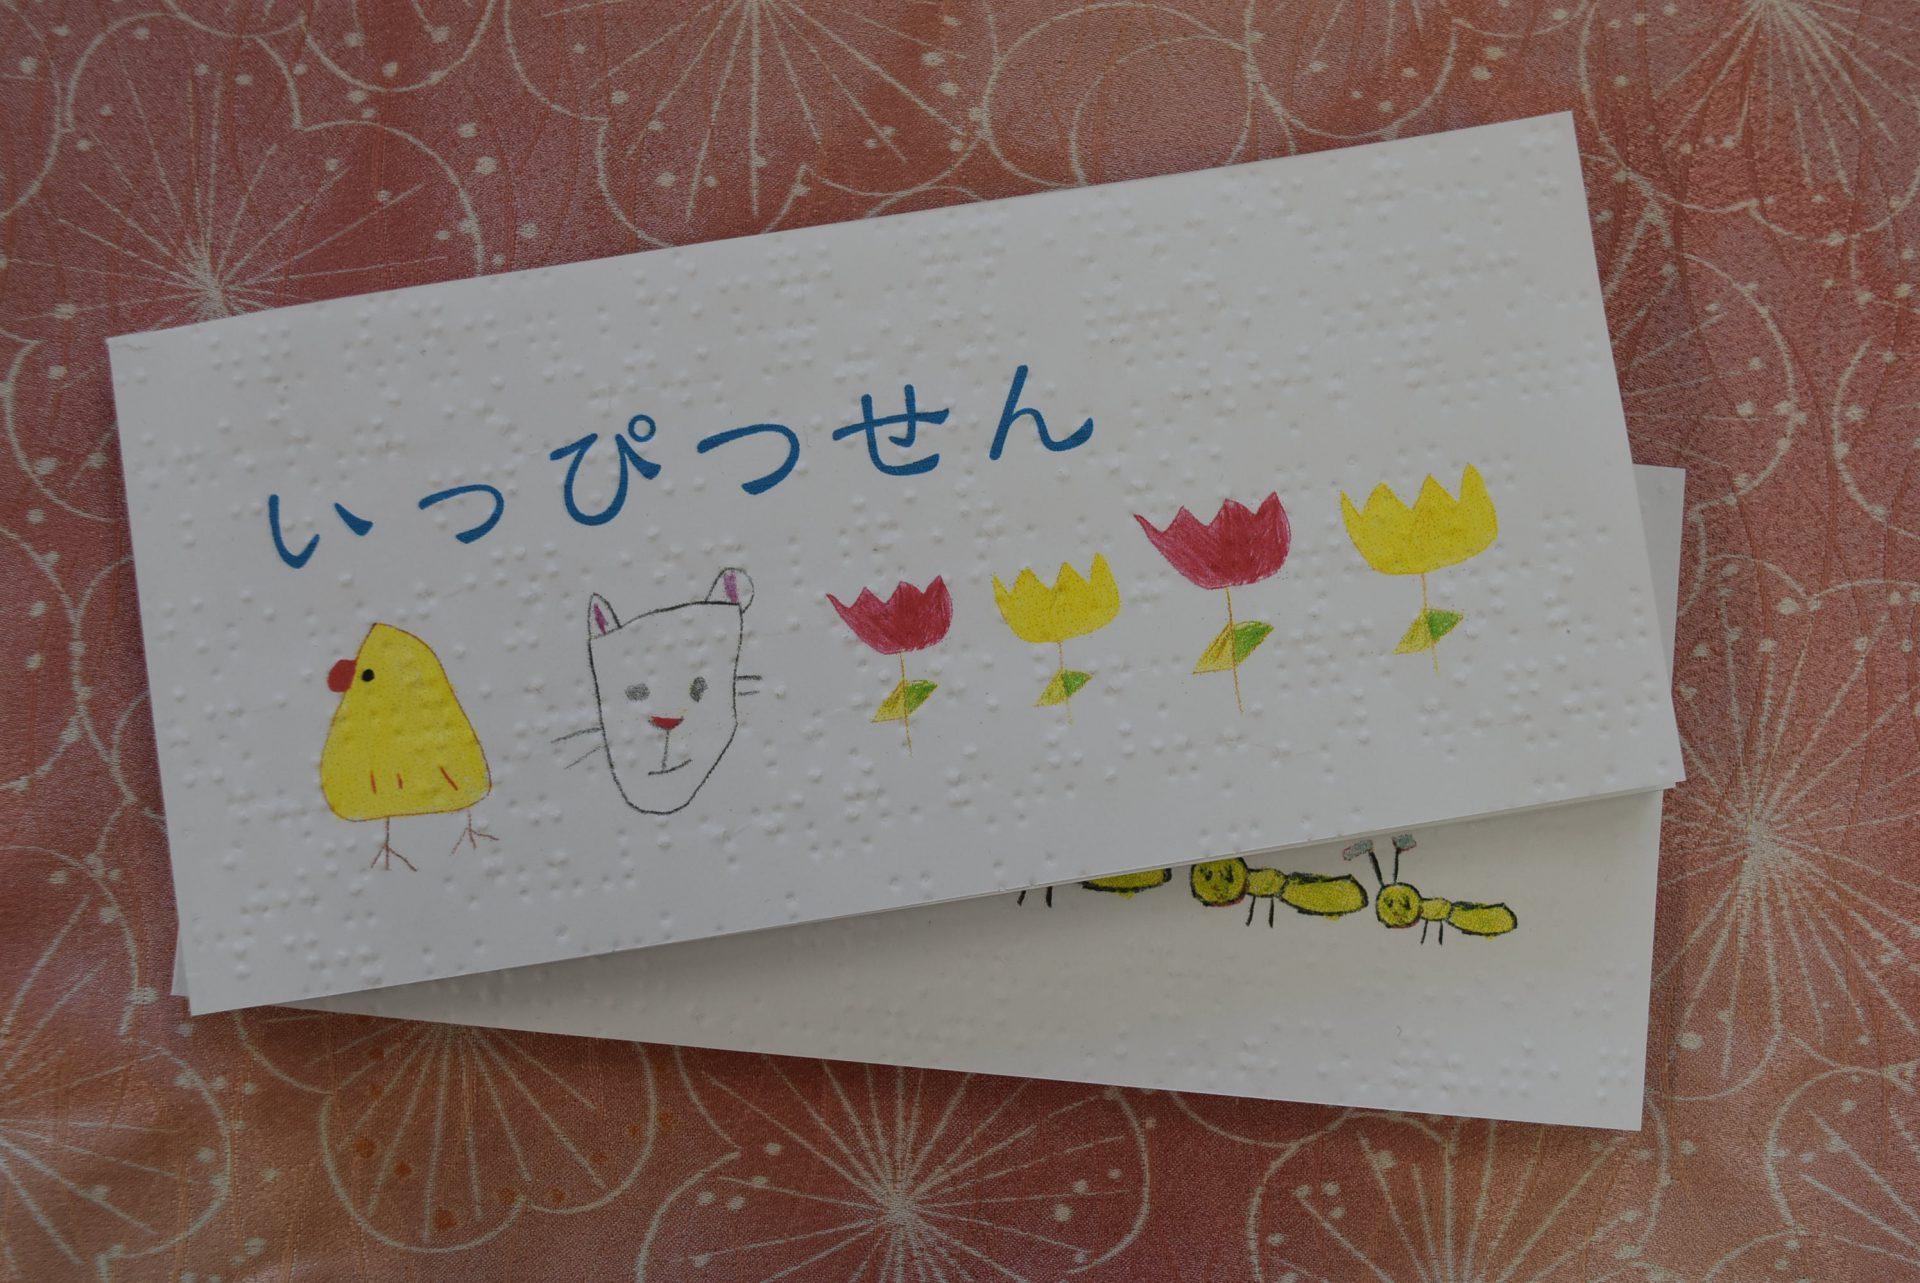 利用者さんが手書きしたイラストの第二弾は、「ヒヨコ、ウサギ、チューリップ」。